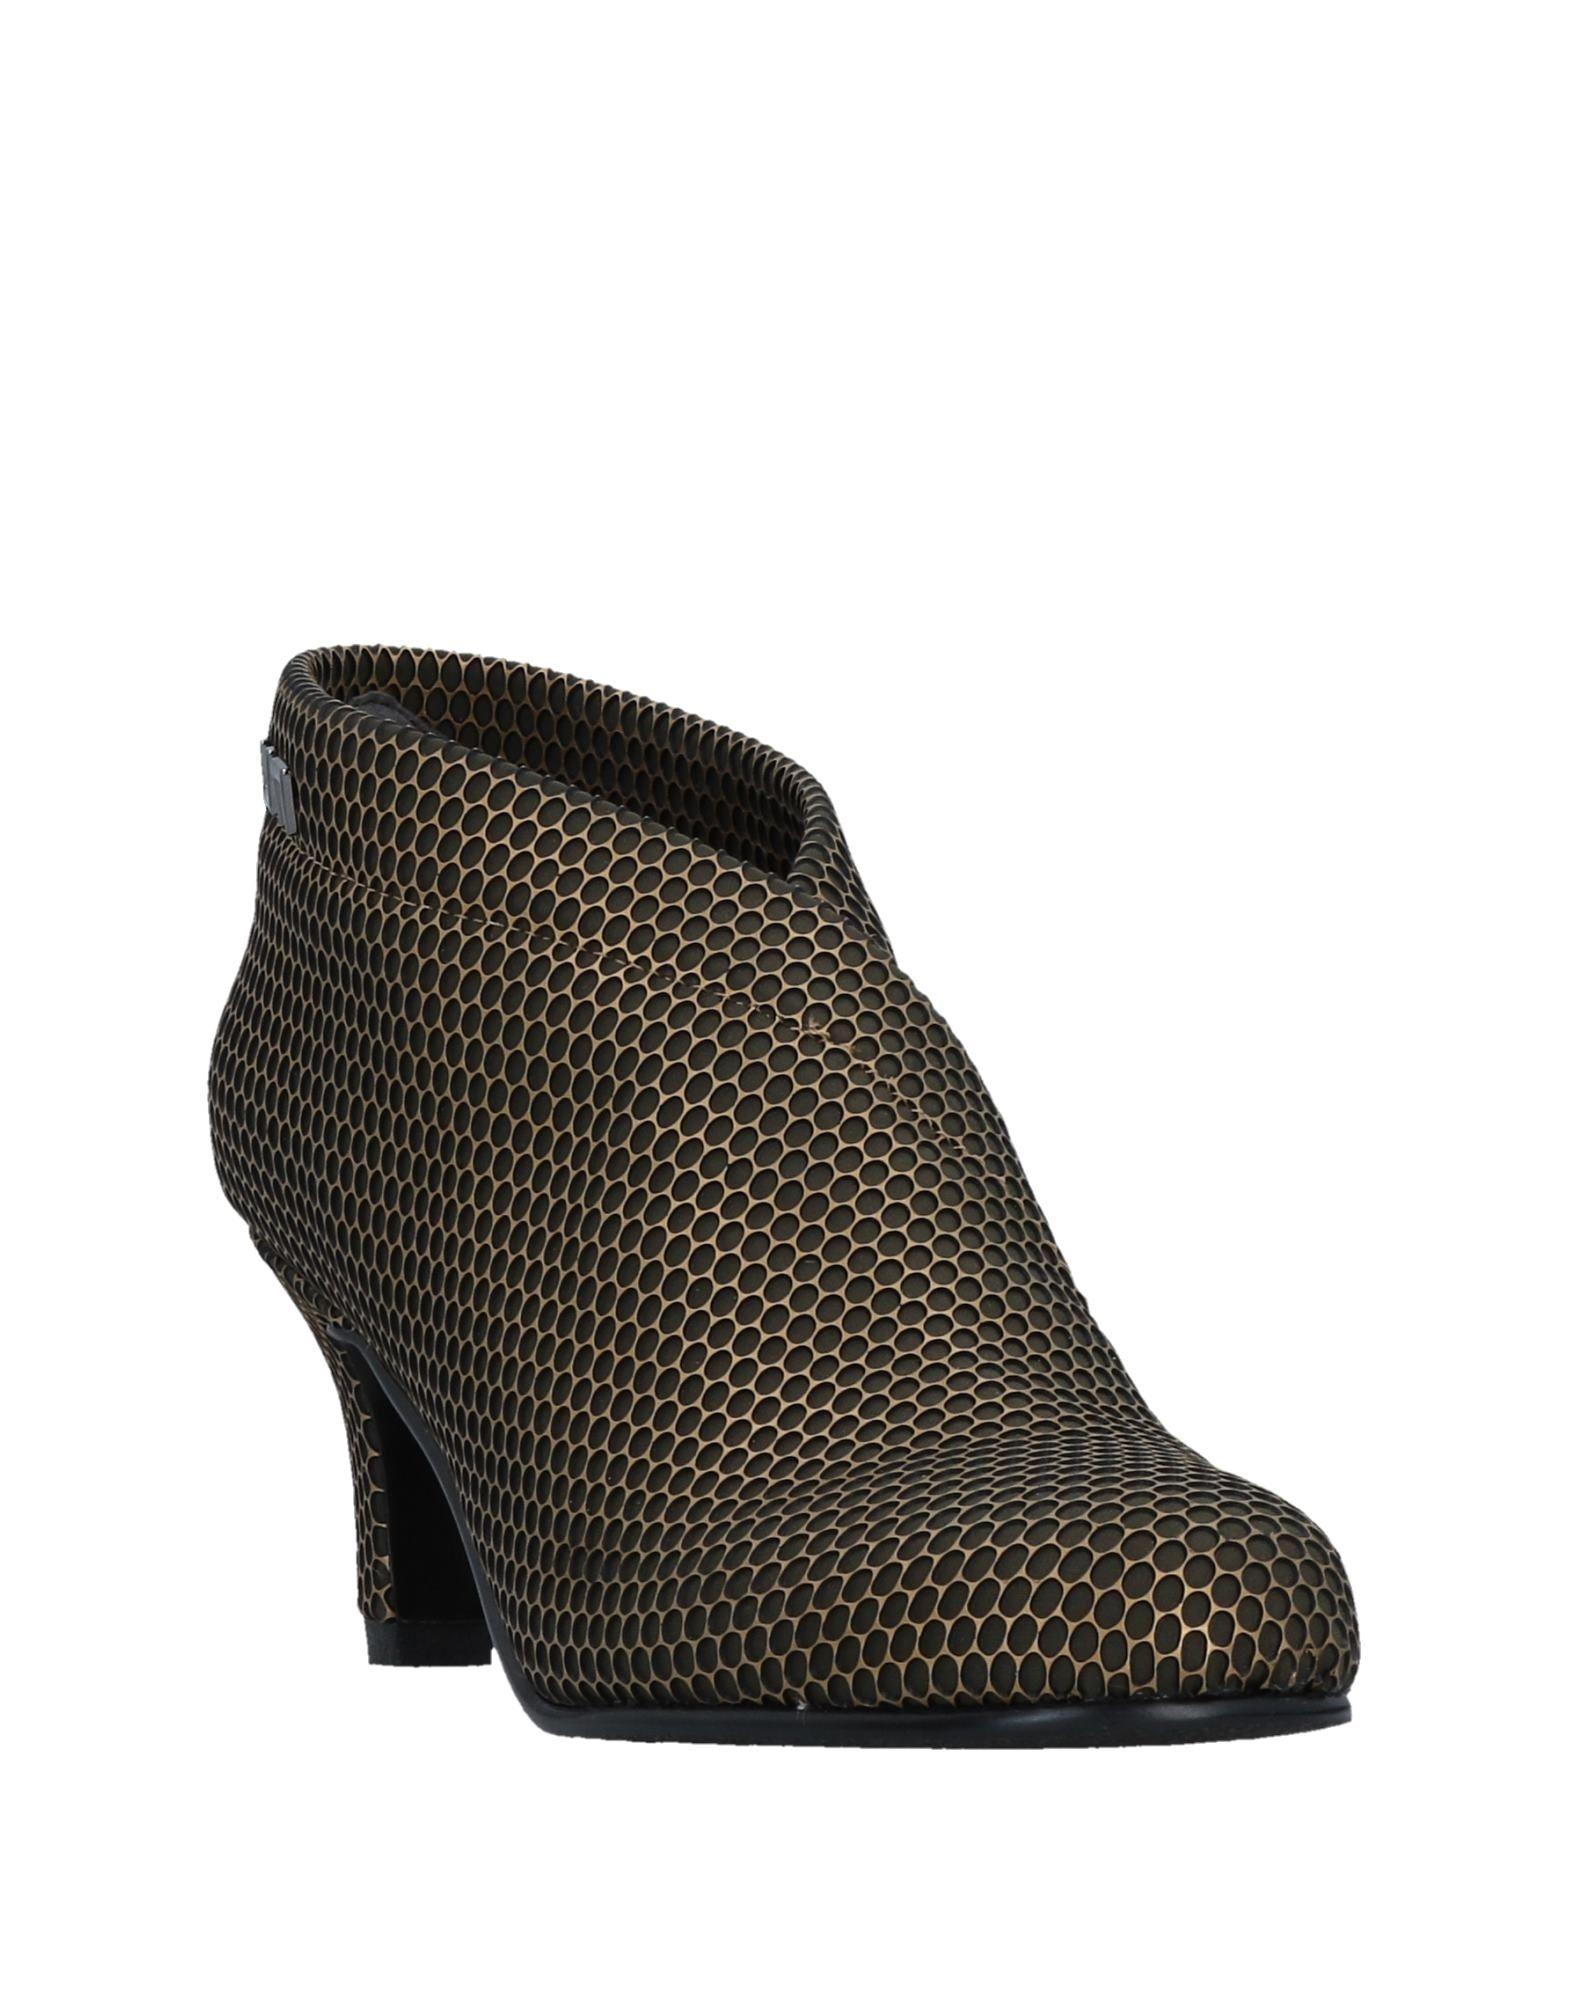 Stilvolle Stiefelette billige Schuhe United Nude Stiefelette Stilvolle Damen  11507309IG 41f235